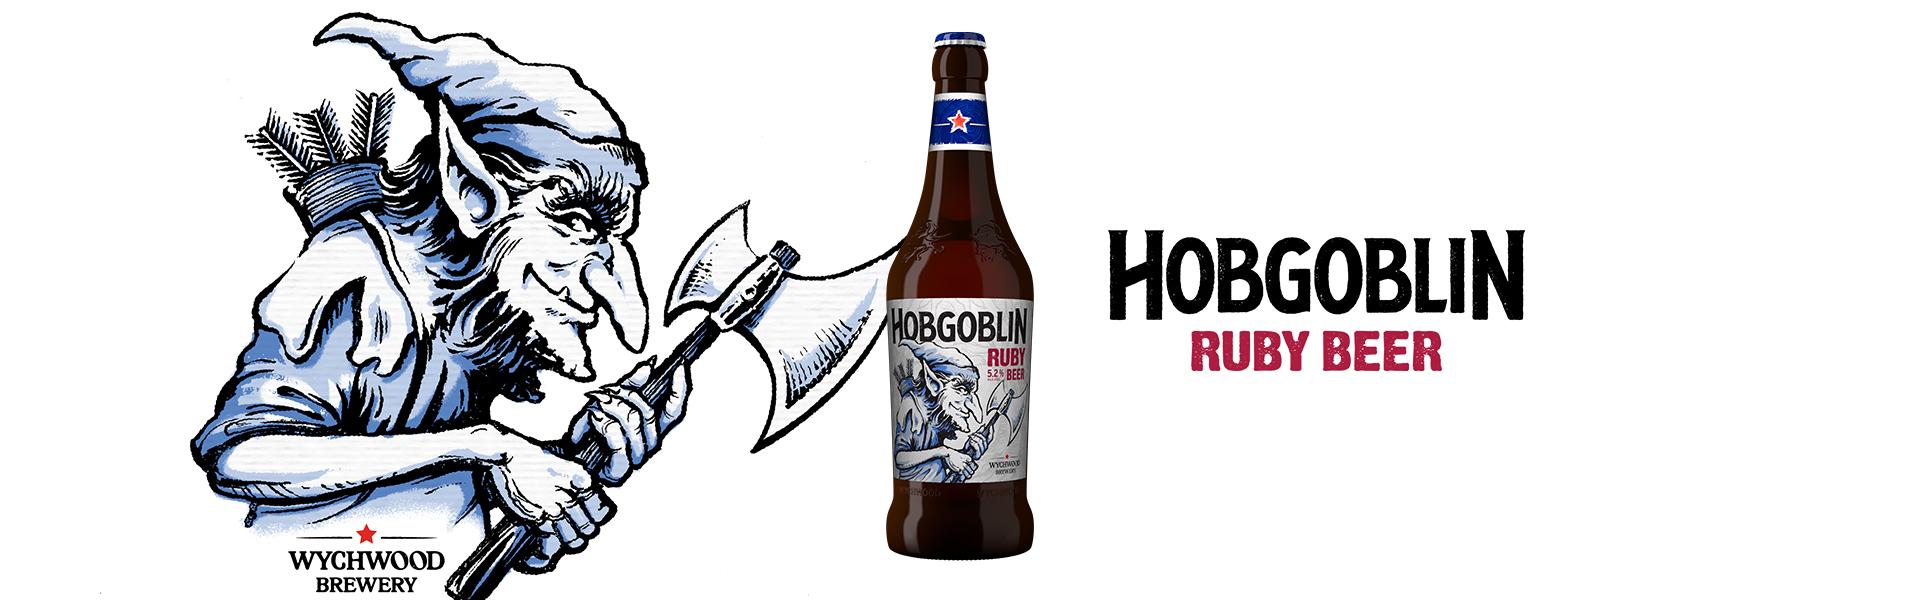 Klassiska Hobgoblin Ruby Beer byter skepnad.